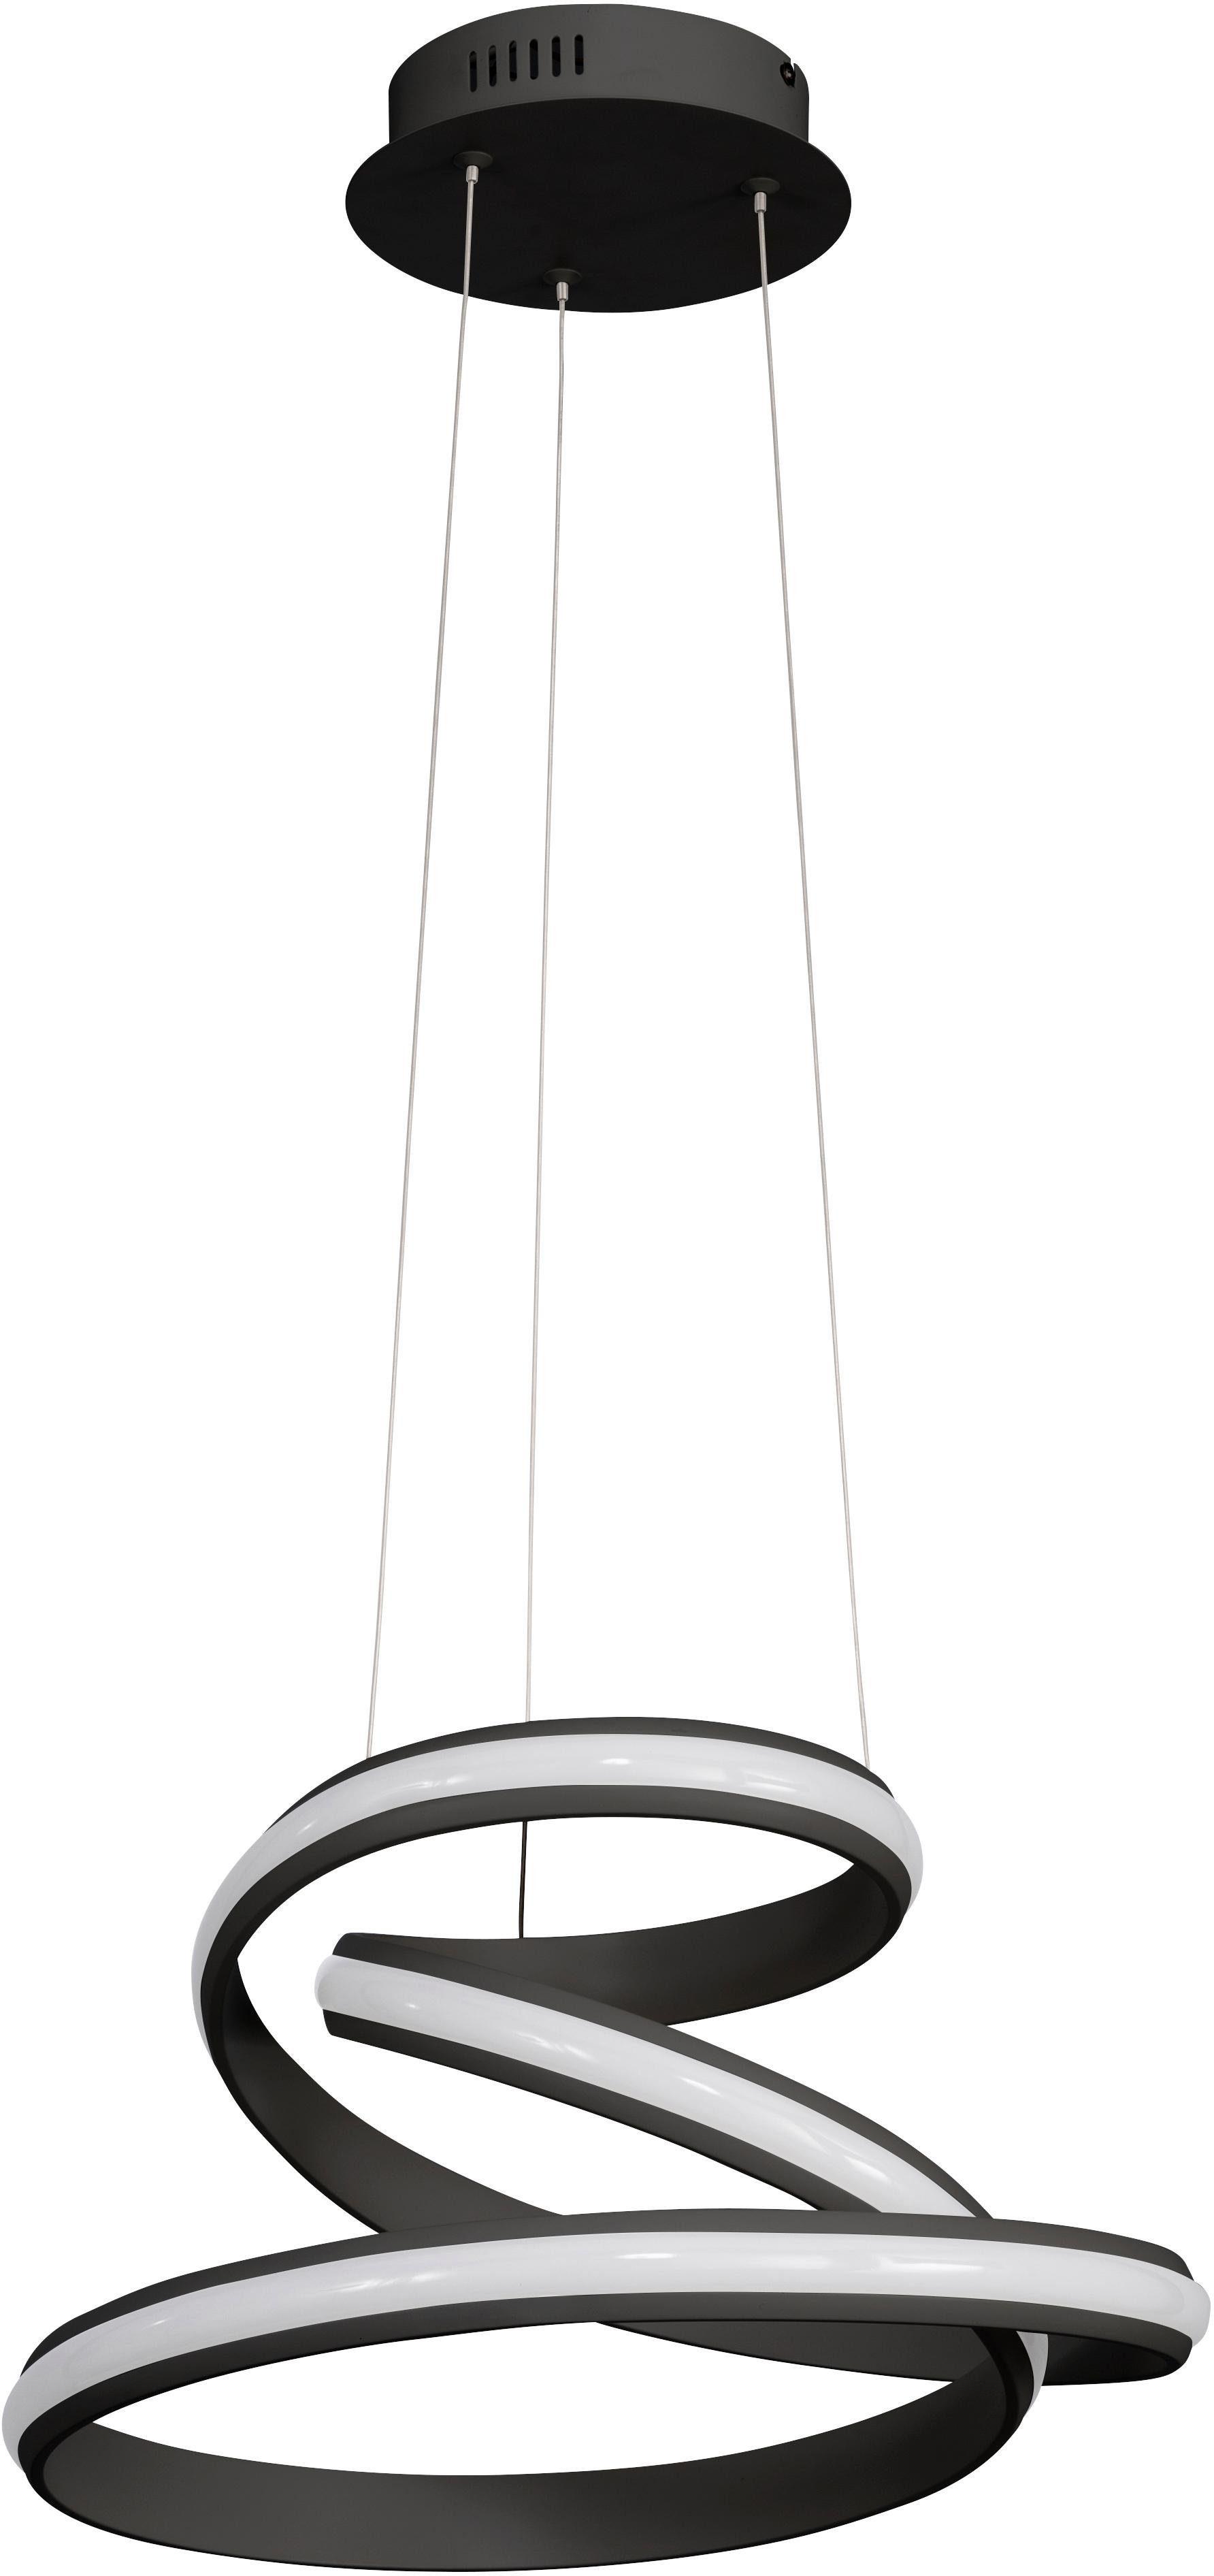 WOFI Pendelleuchte TESS, LED-Board, Warmweiß, Hängeleuchte, Hängelampe